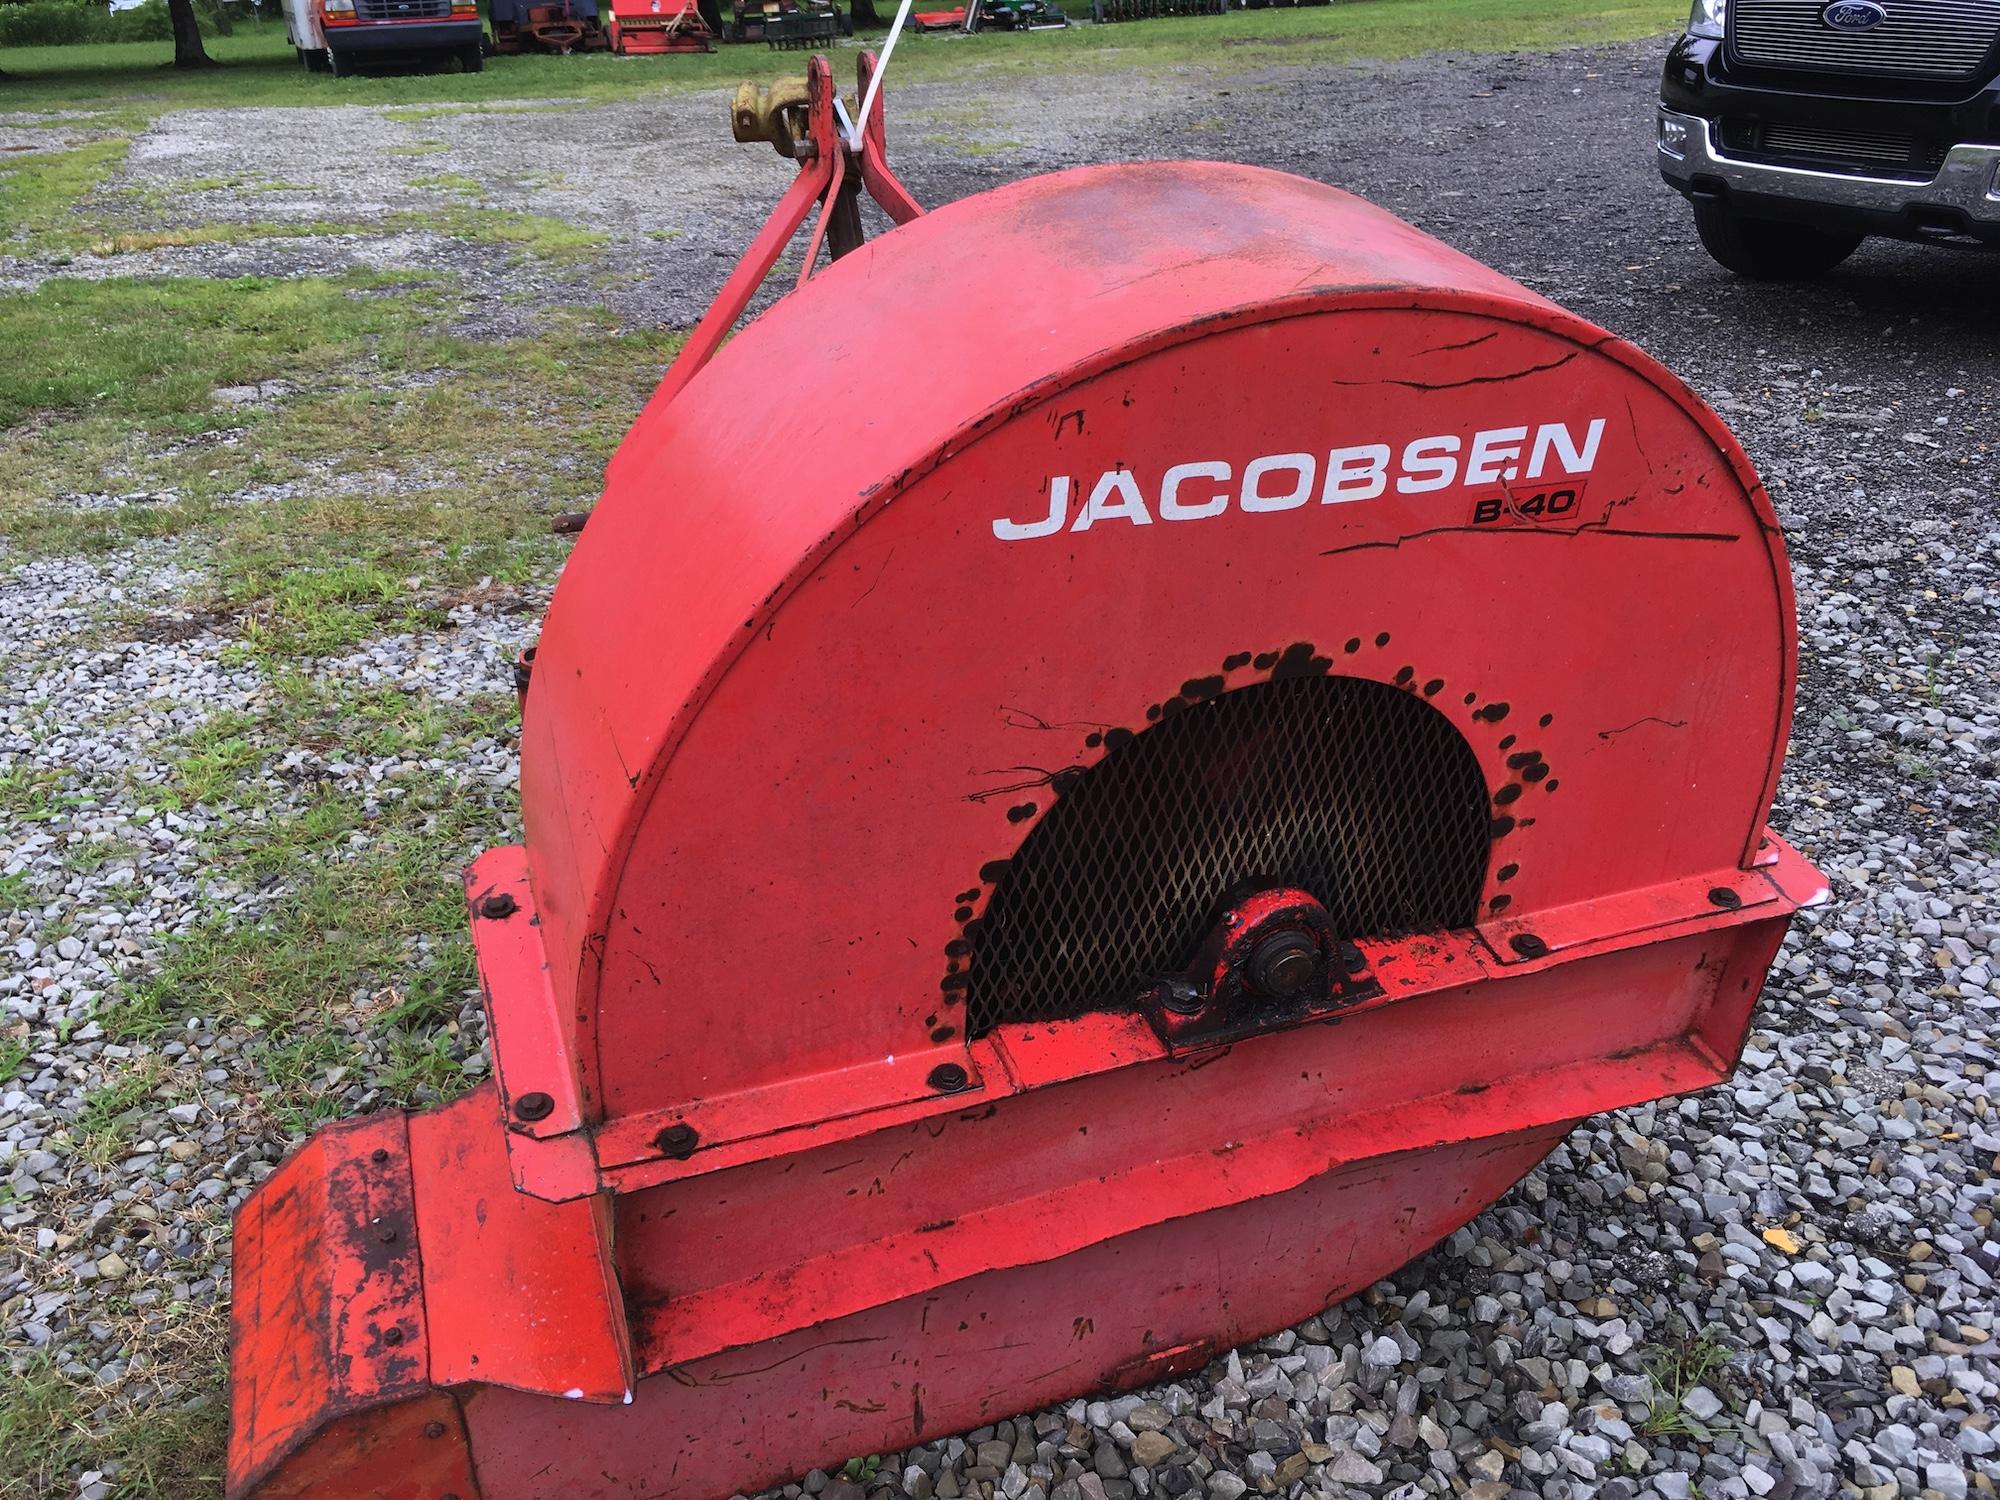 Jacobsen-B40-3pt-PTO-Blower-04